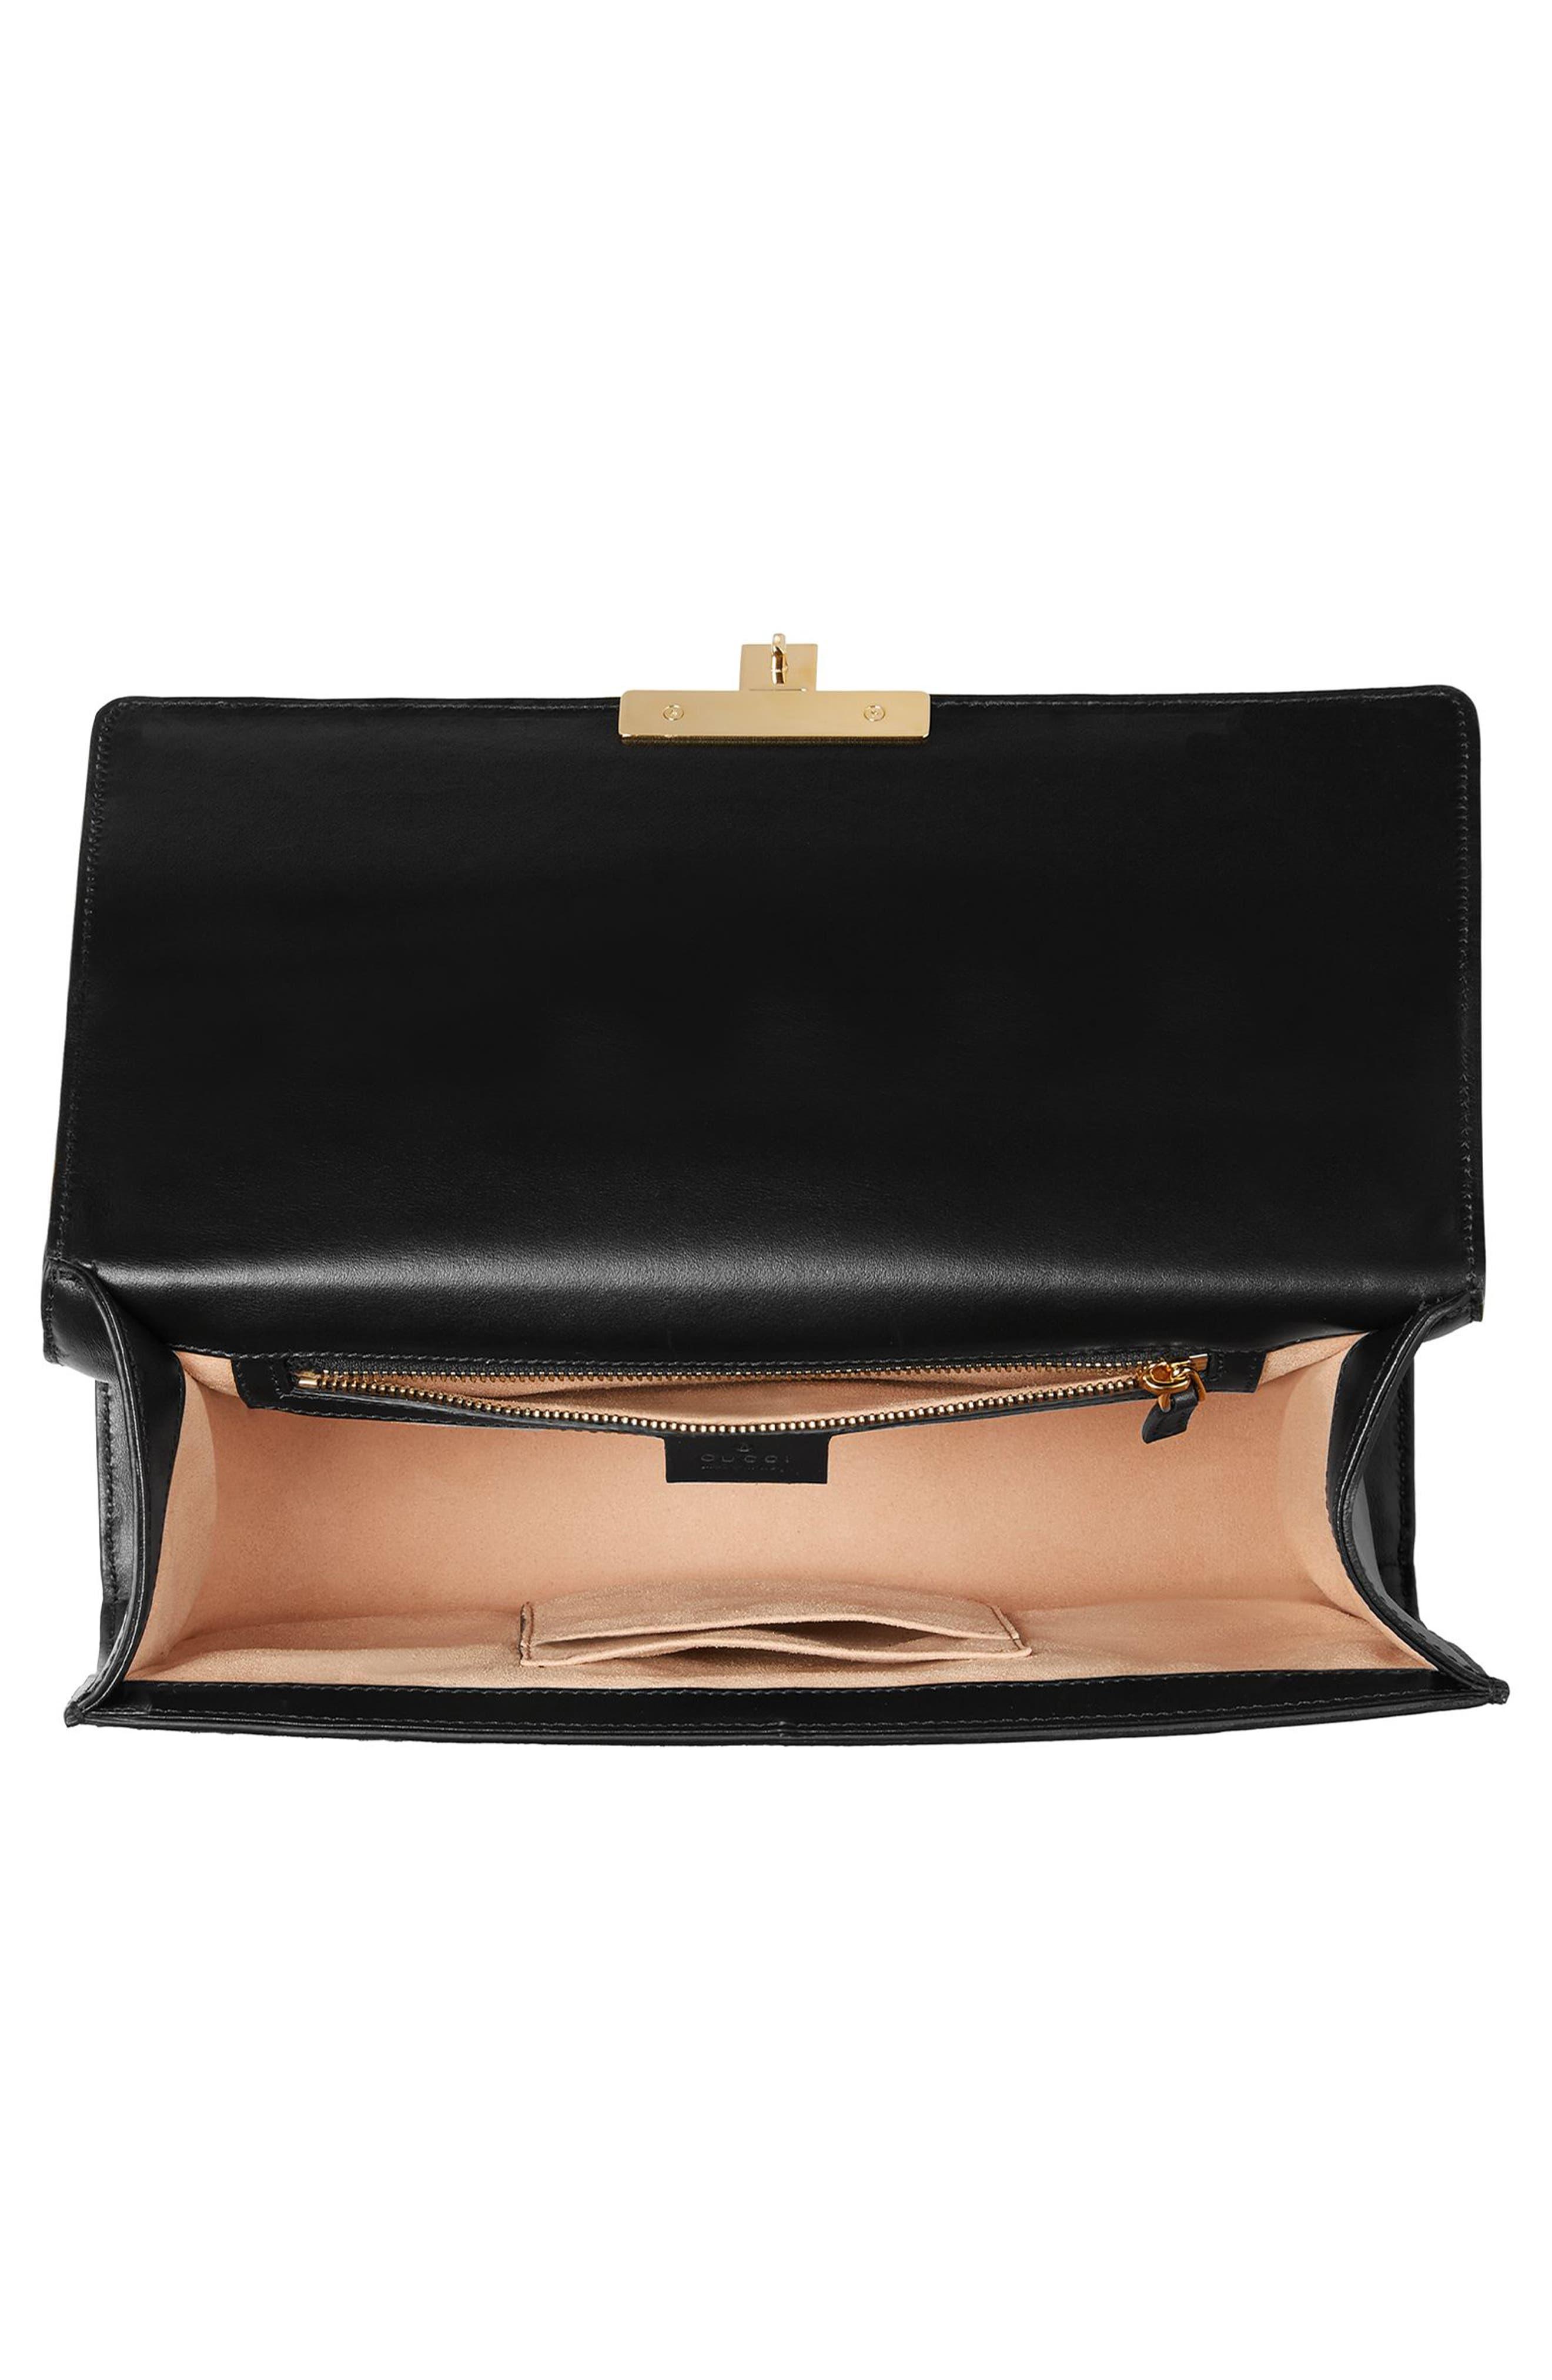 Alternate Image 3  - Gucci Medium Padlock GG Supreme Canvas & Leather Shoulder Bag